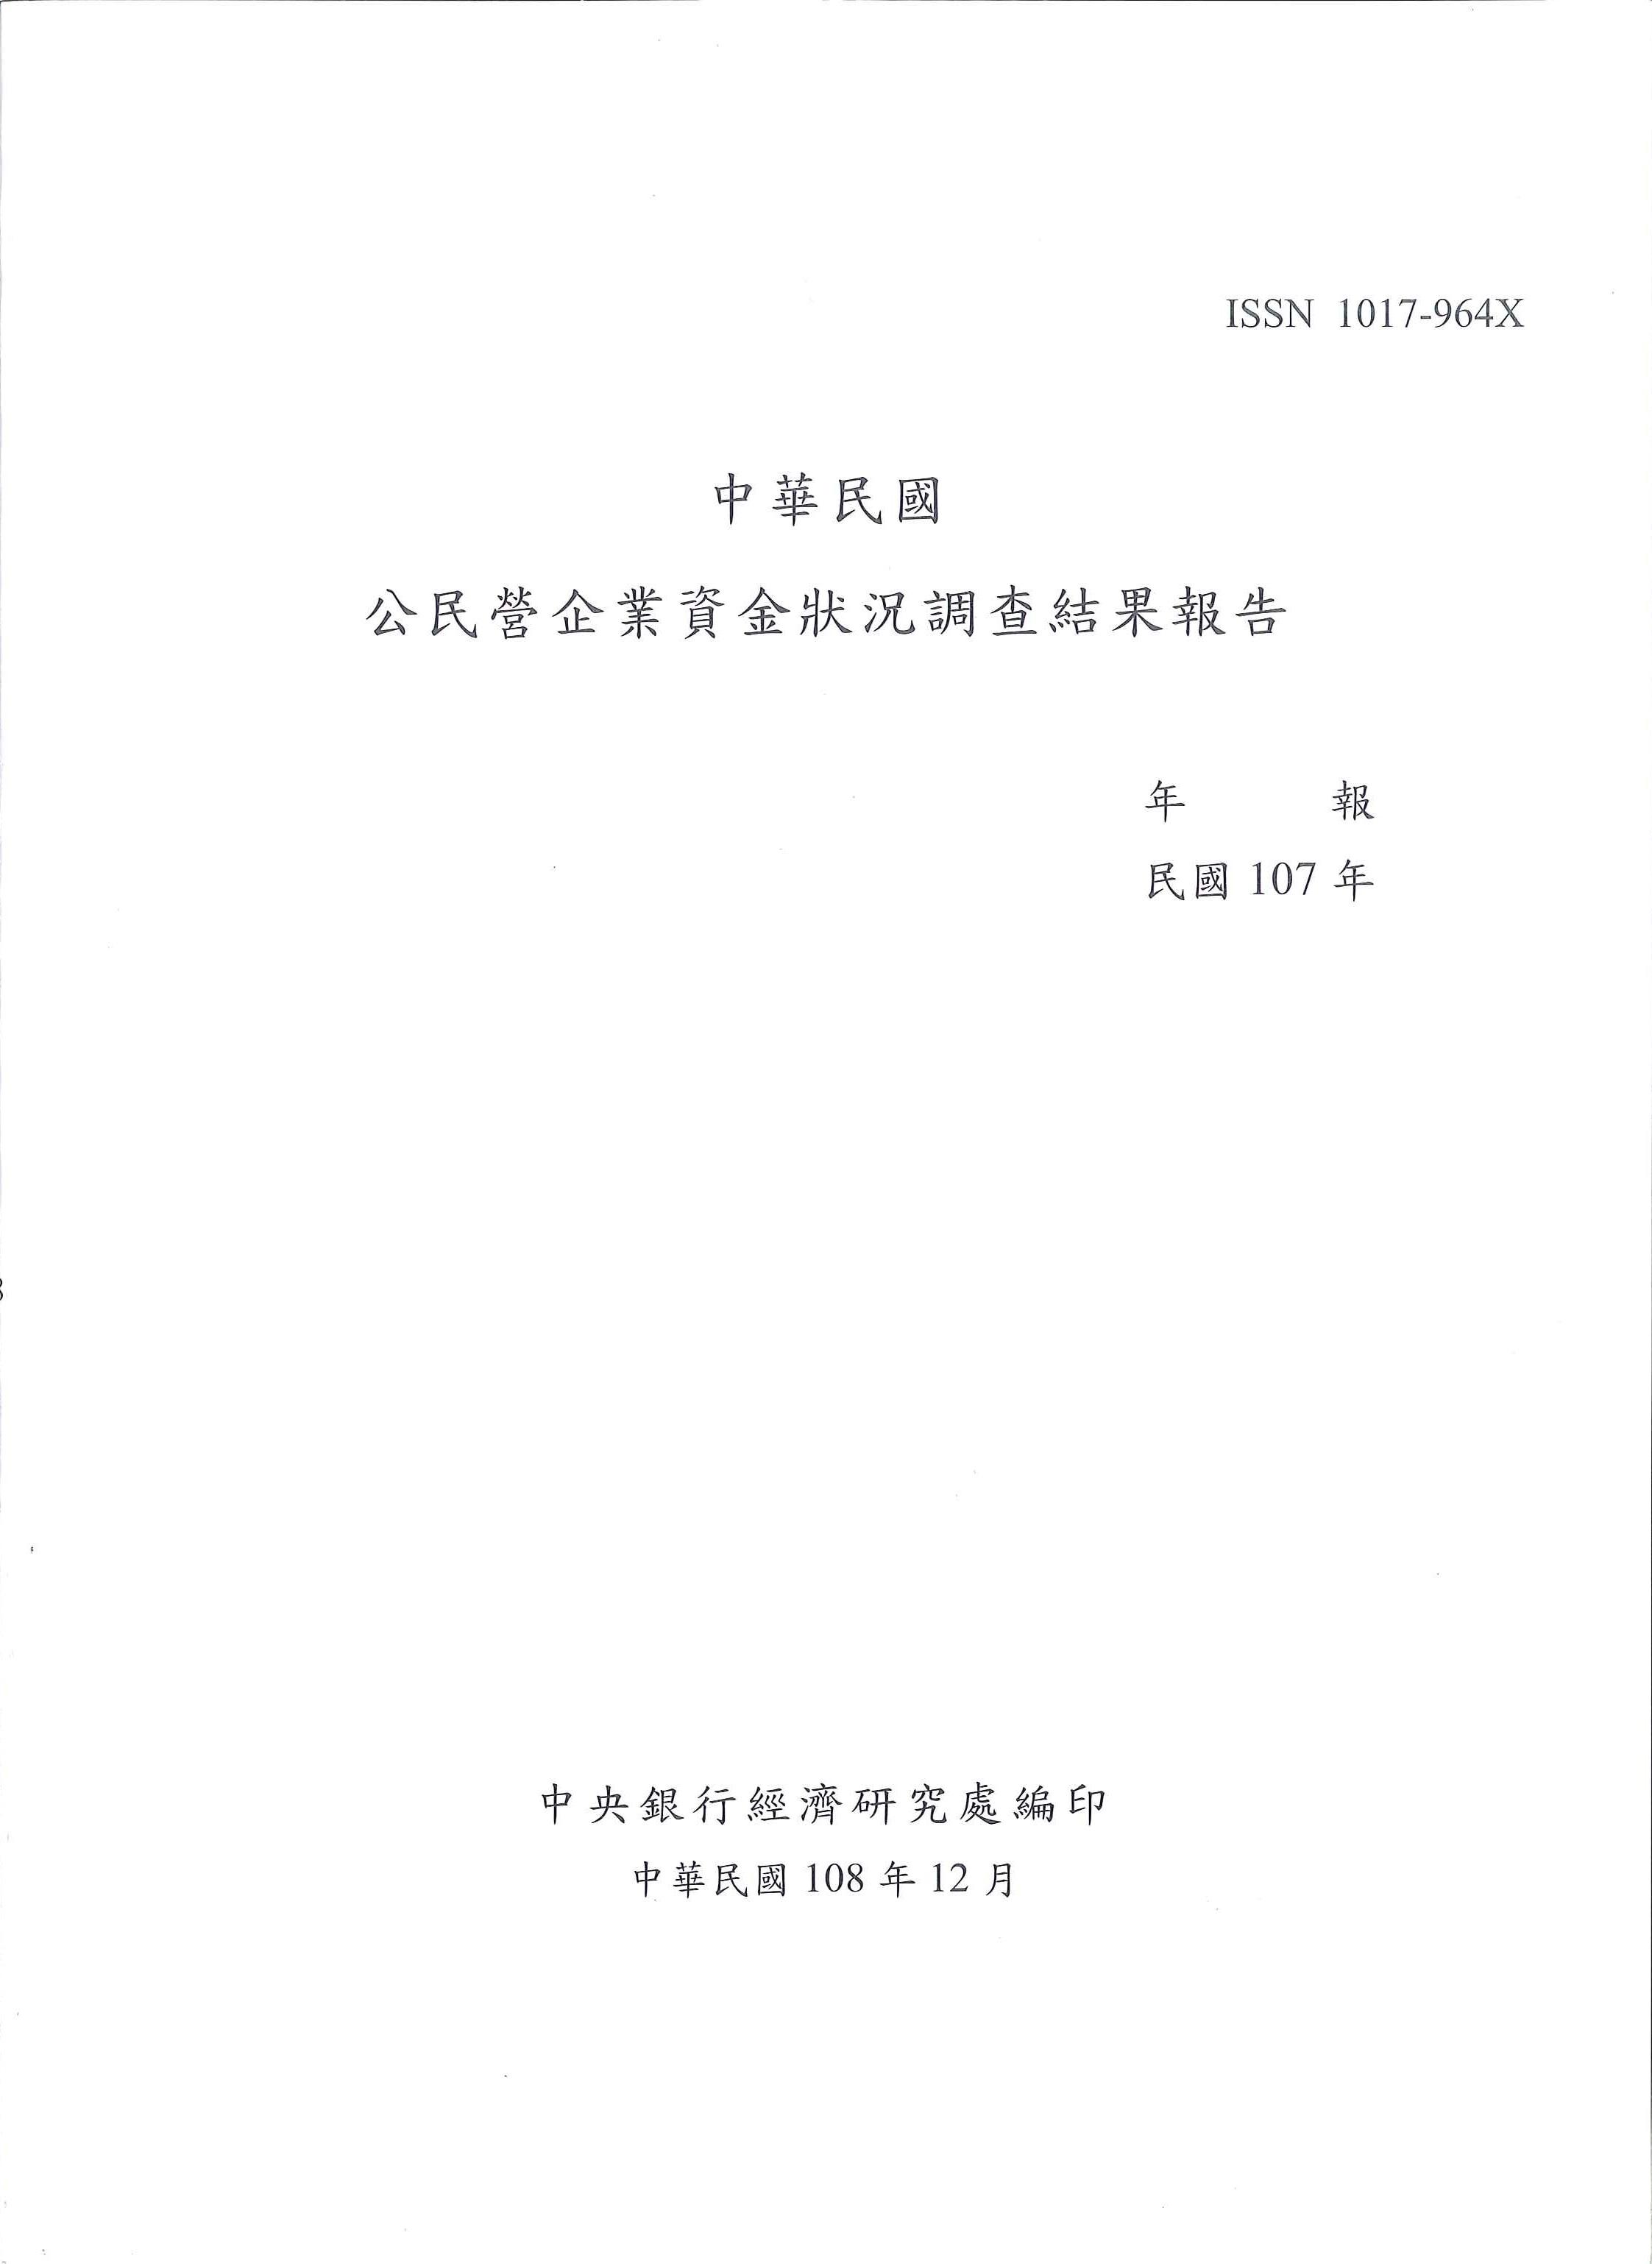 中華民國公民營企業資金狀況調查結果報告